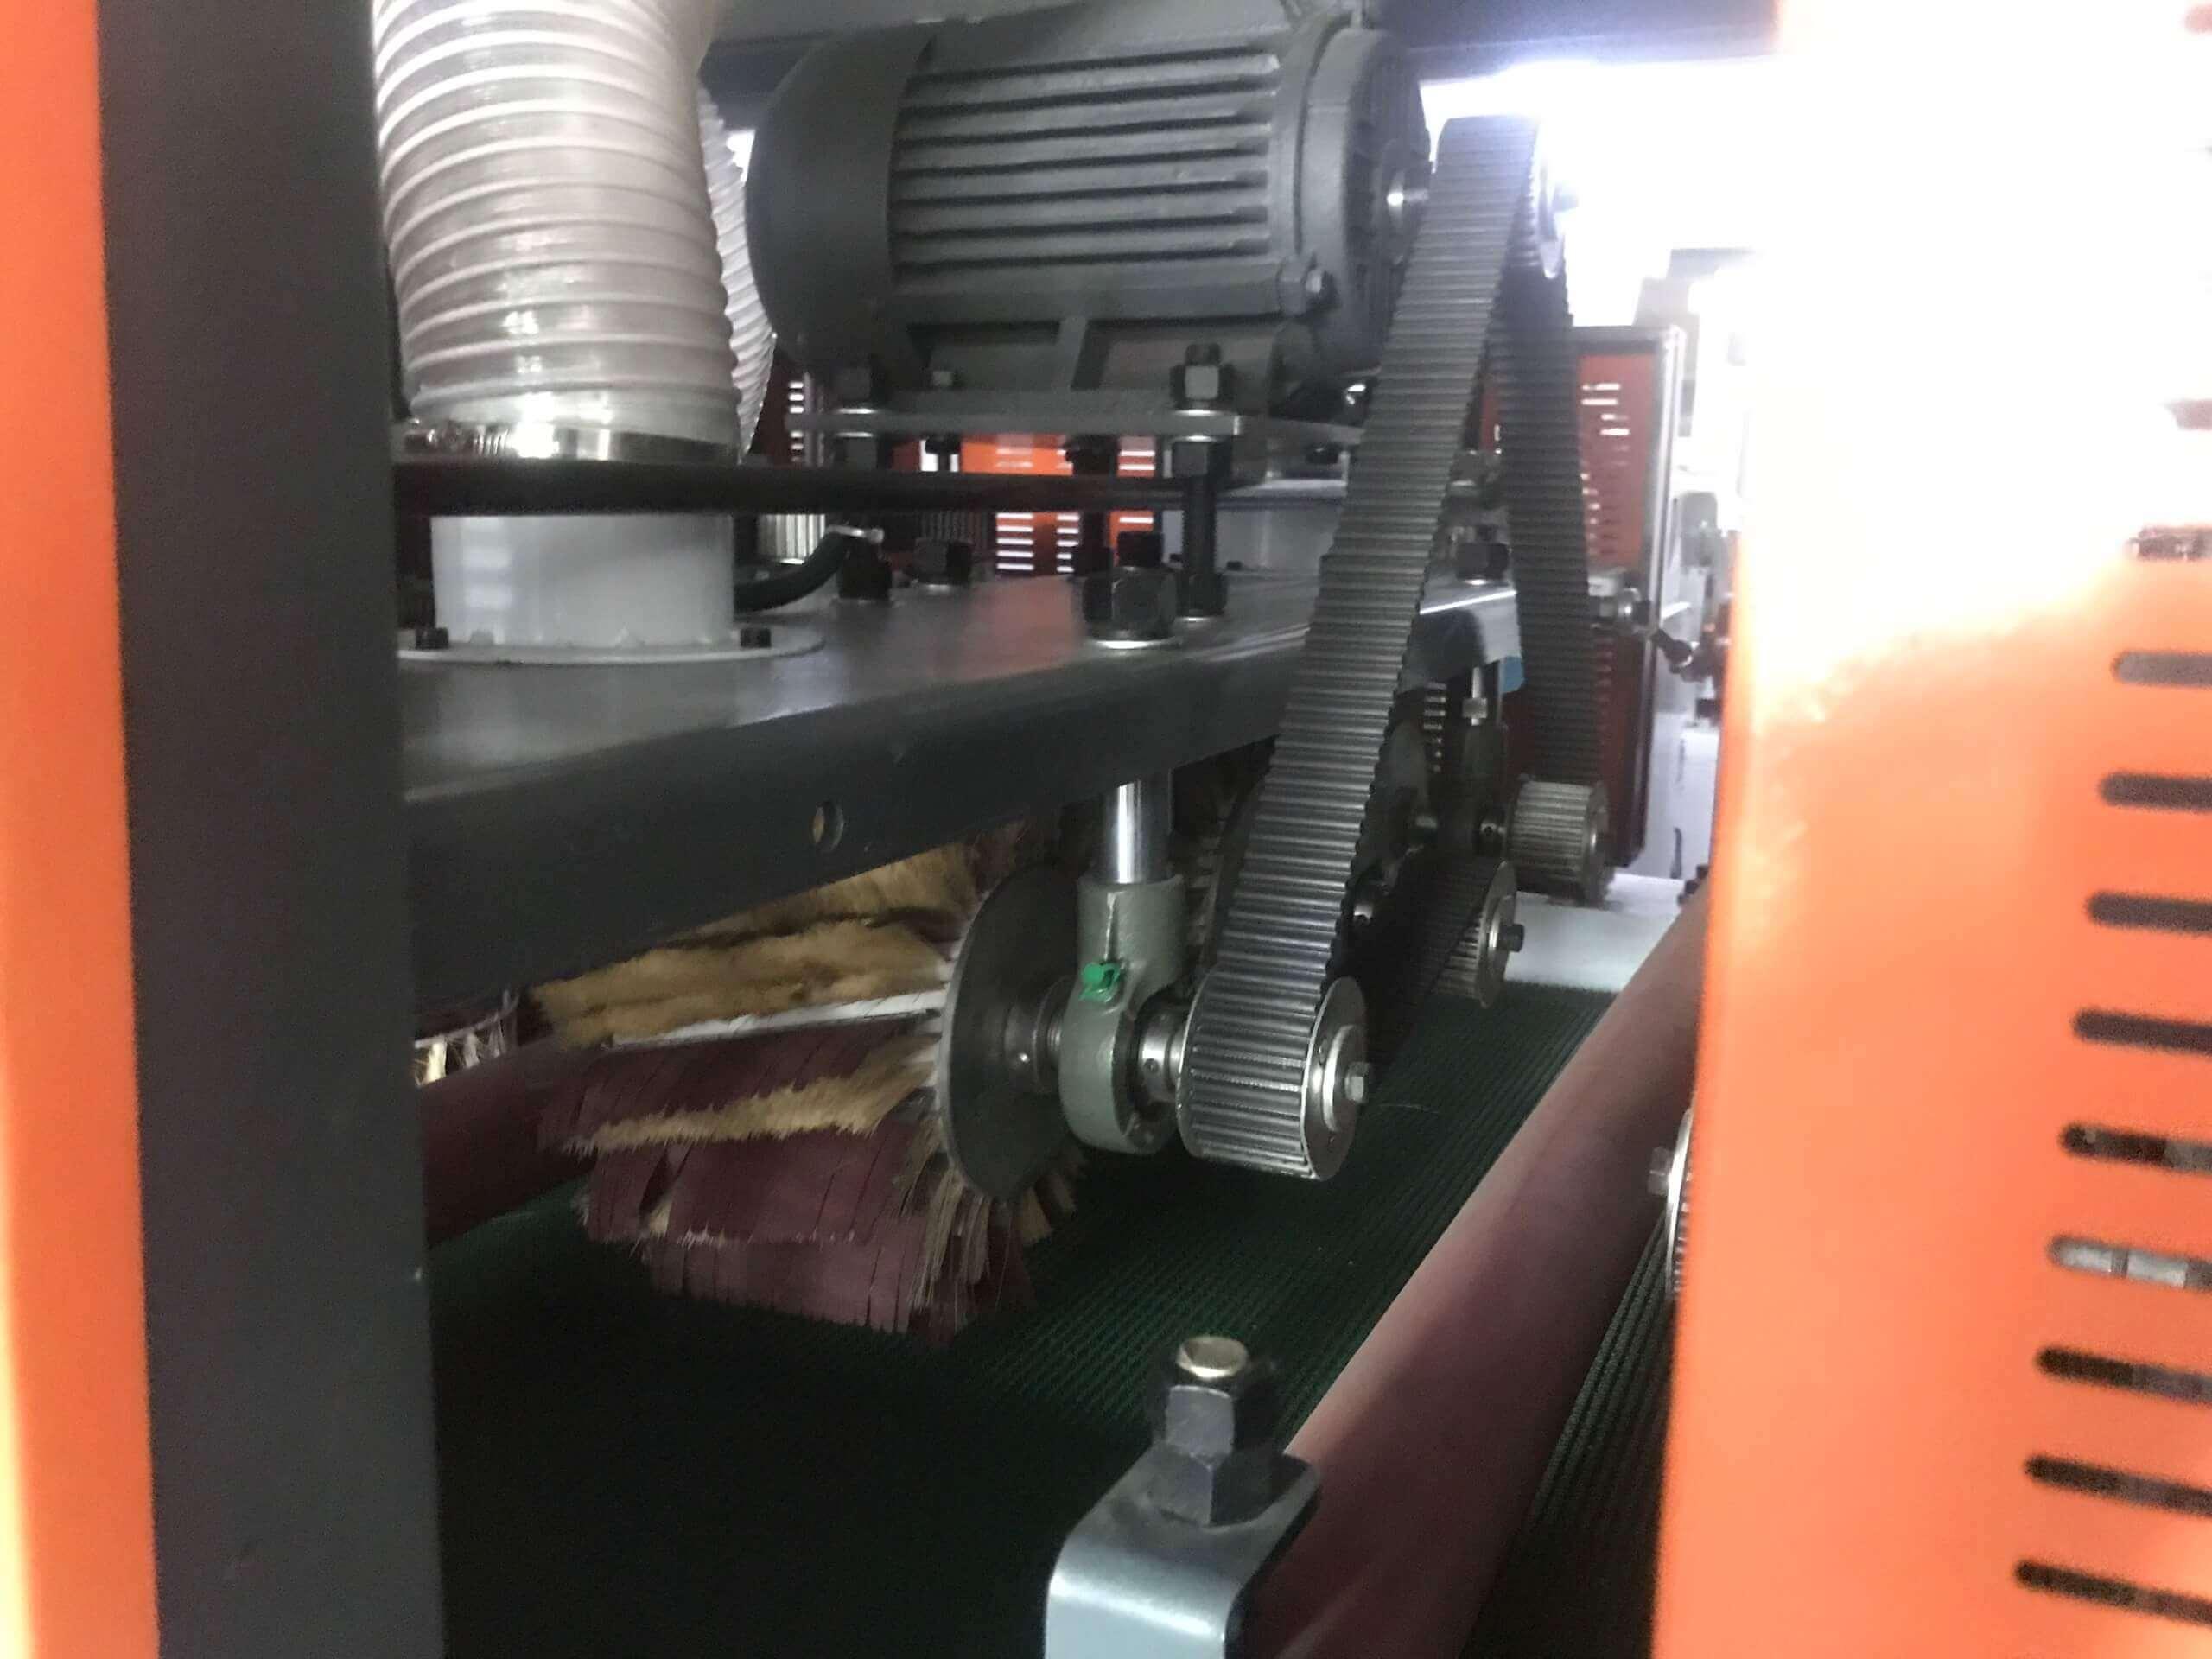 Máy chà nhám chổi sử dụng 6 hàng trục chổi định dạng để đem lại hiệu quả chà nhám tốt nhất. * 2 hàng trục chà xoay ngang hướng băng tải *2 hàng trục chà đia đứng * 2 hàng trục ngang chà theo chiều dọc hướng băng tải Máy tối ưu chà các loại sản phẩm như : Cánh cửa, ván veneer, ván sơn xả lót, các định dạng tấm có profile trên bề mặt…